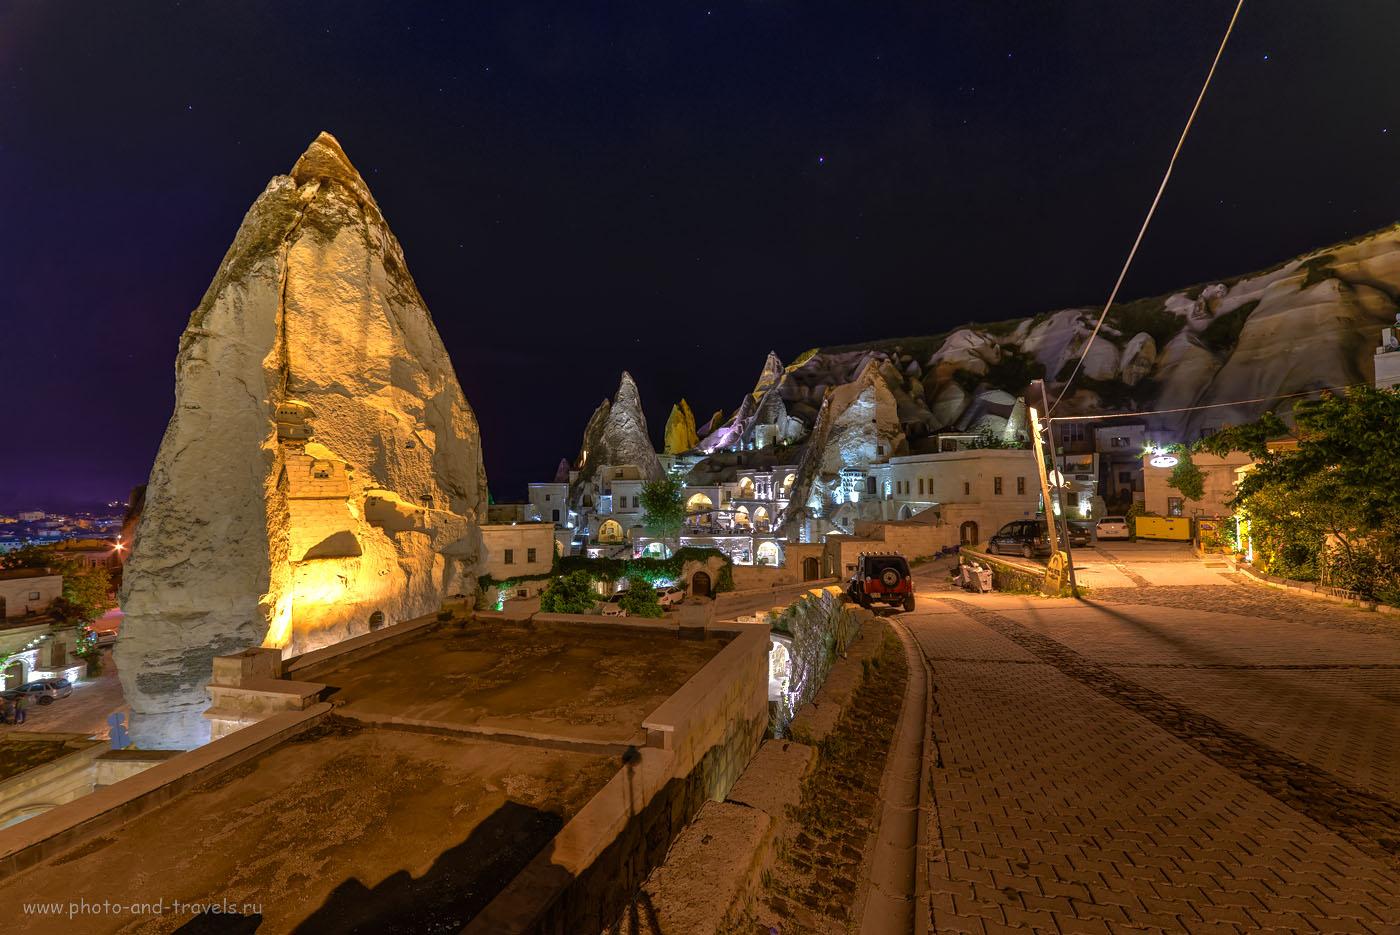 Фото 21. Где остановиться в Каппадокии? В деревне Гёреме могу посоветовать отель Melek Cave Hotel, что находится у основания горы со смотровой площадкой. Белый Peugeot 301 справа – у ворот нашей гостиницы. Поездка в Турцию дикарями. HDR, ФР=14 мм.